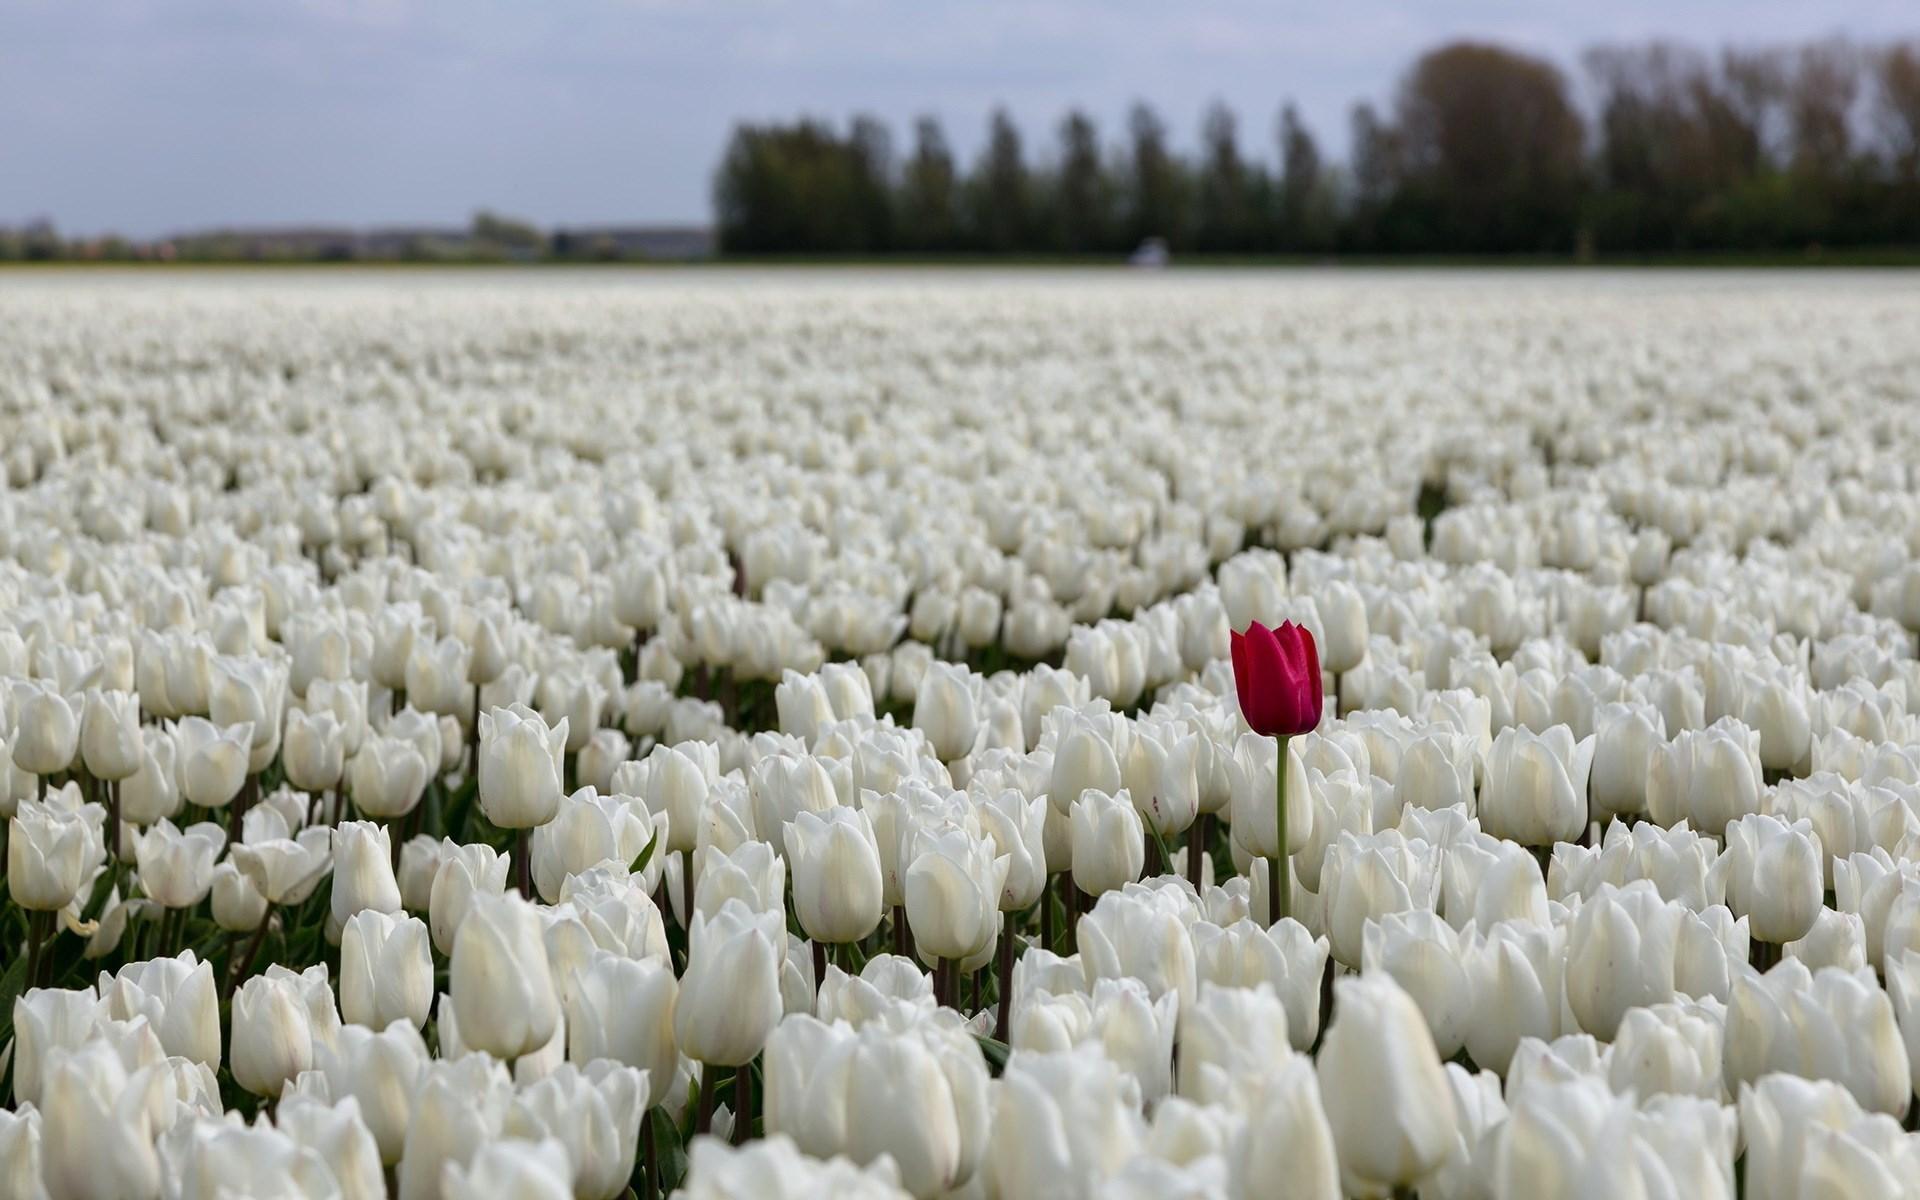 Tulips fields sea white flowers bokeh 1920 x 1200 tulips fields sea white flowers bokeh 1920 x 1200 768x480 mightylinksfo